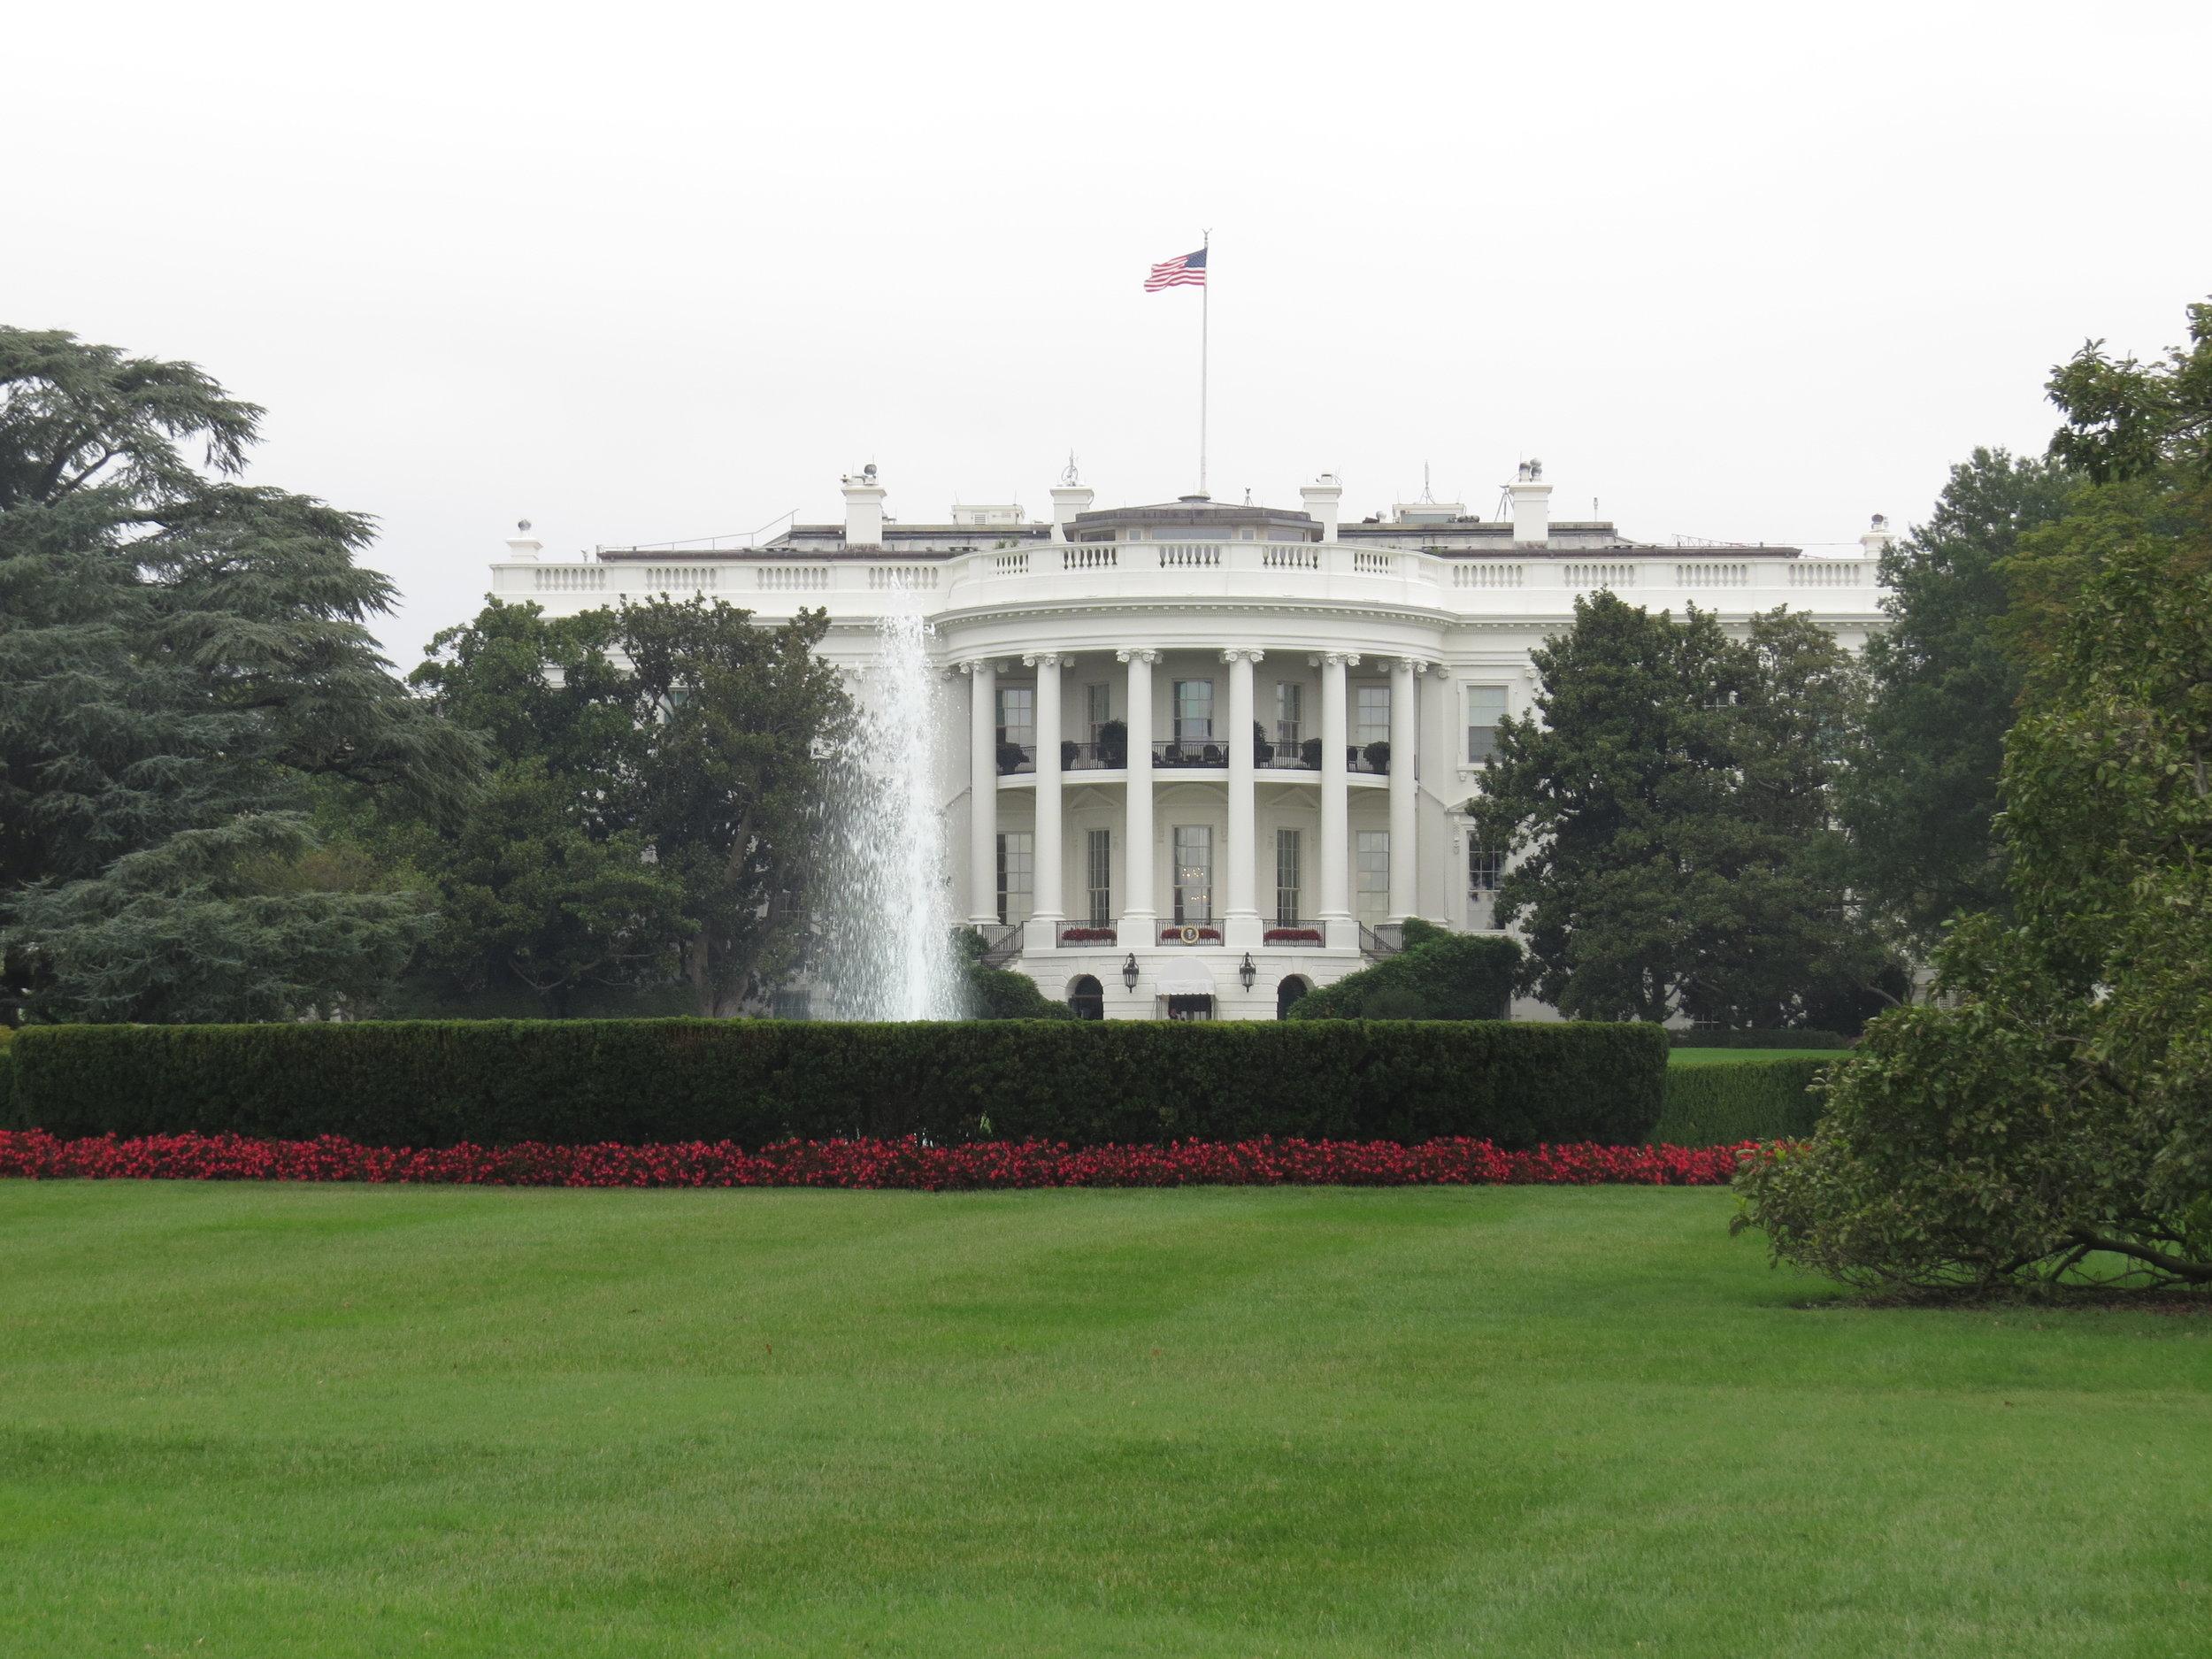 President's Park - The White House